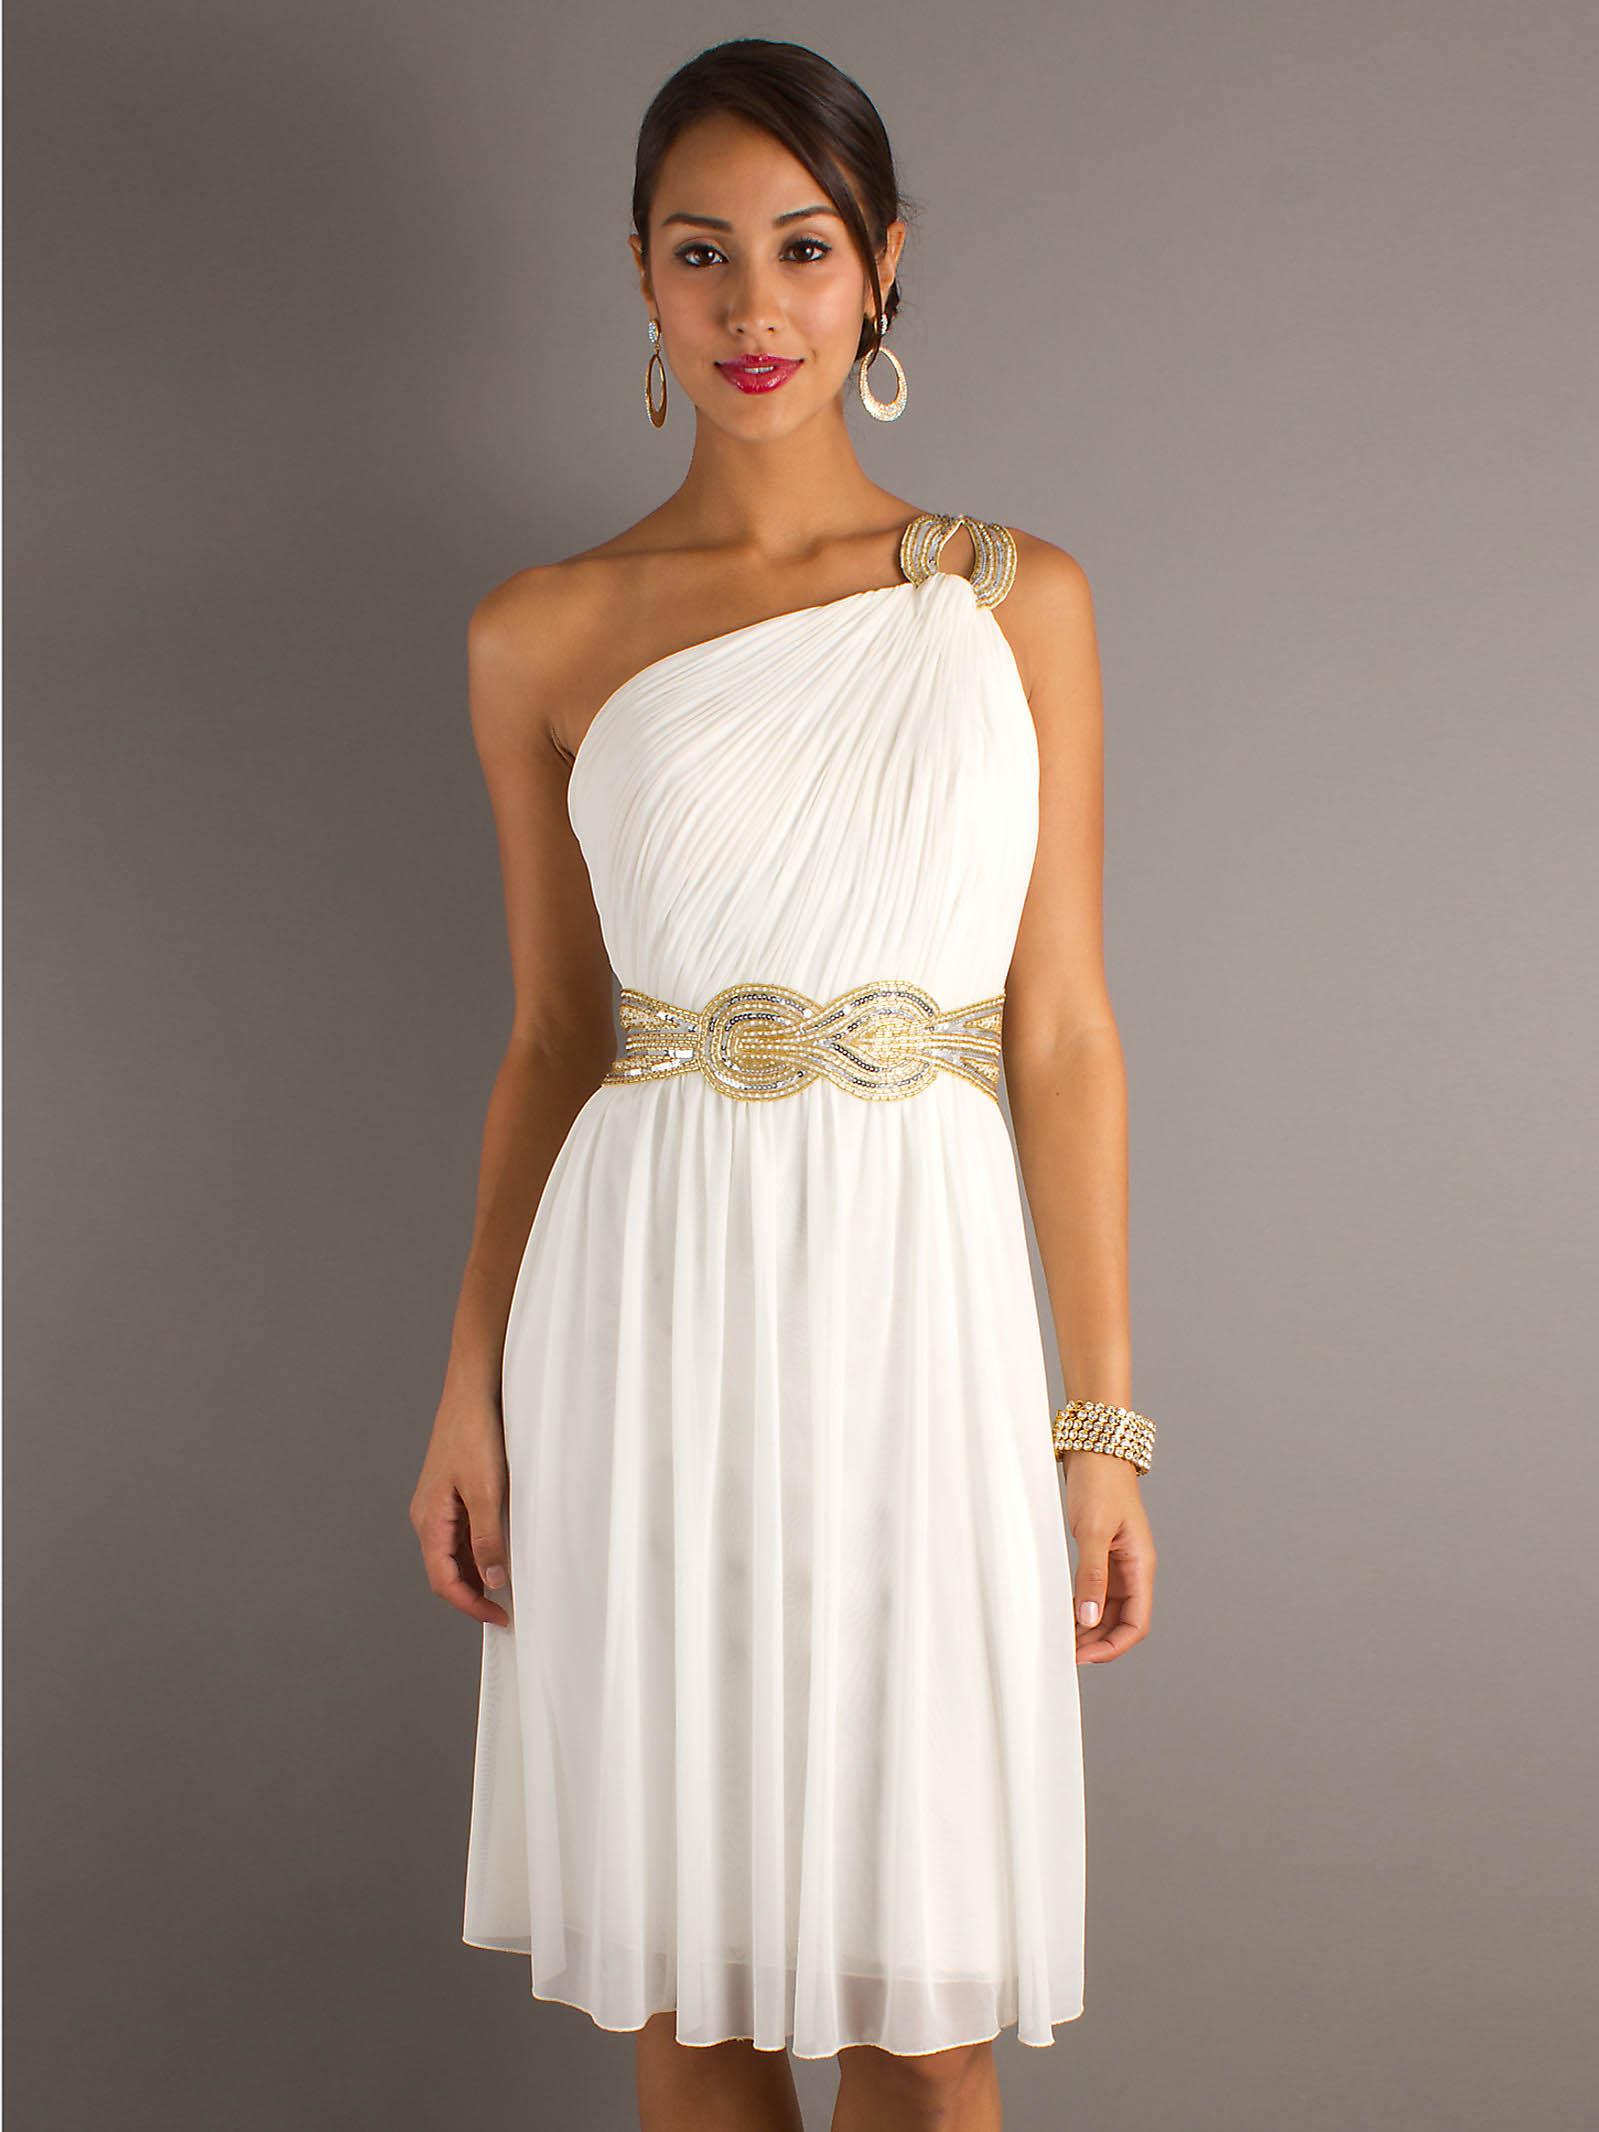 Короткое платье в греческом стиле своими руками выкройки